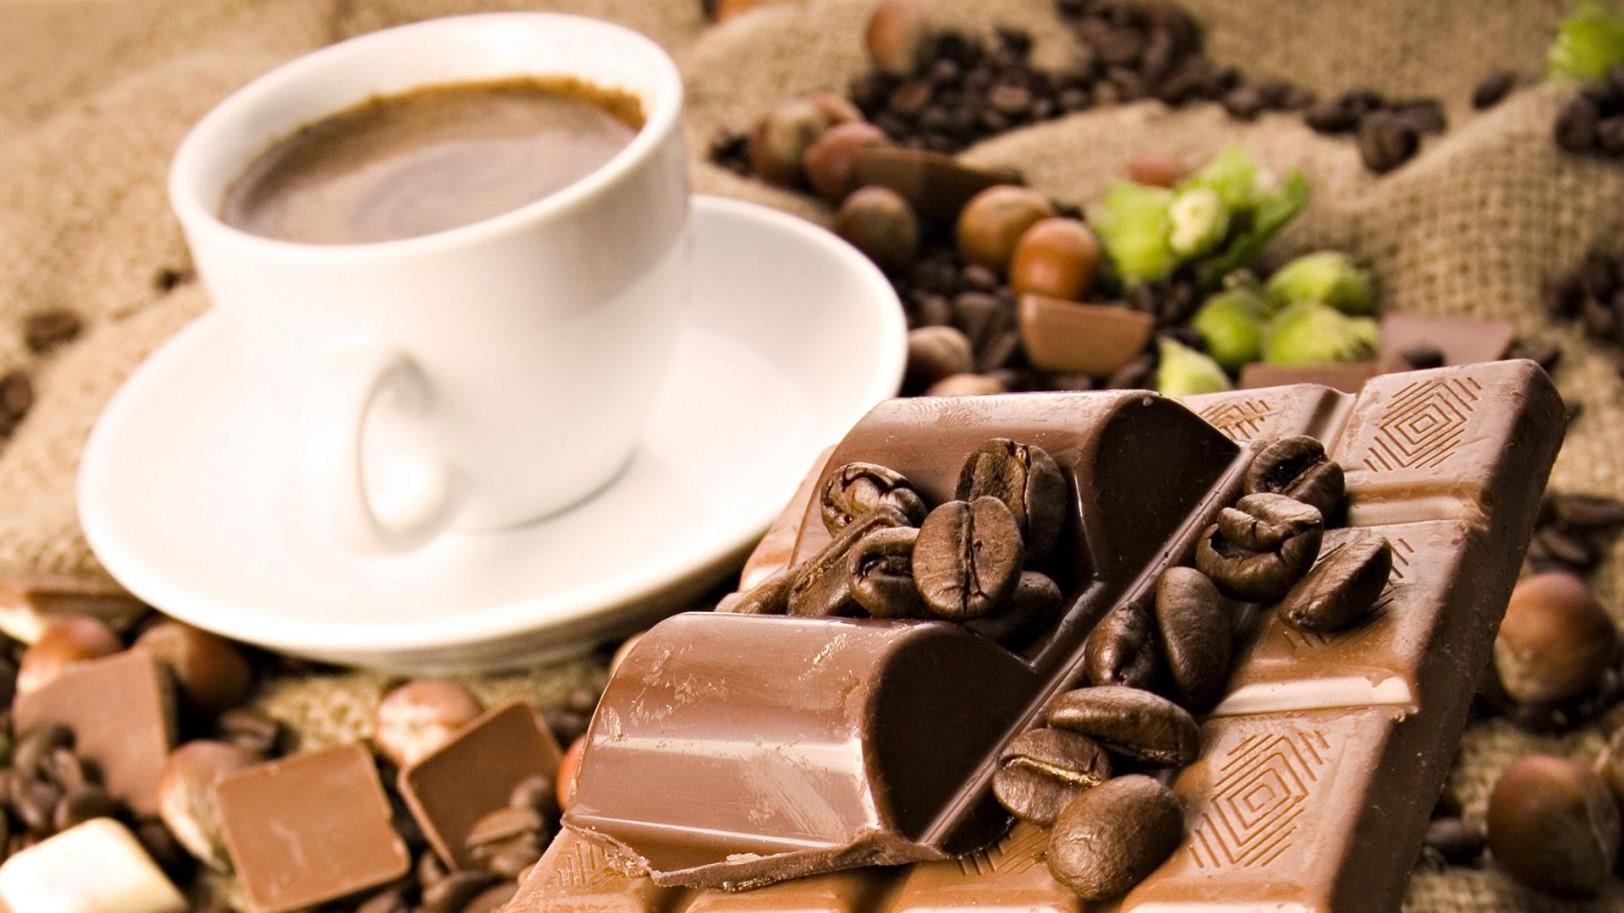 kaffe och choklad